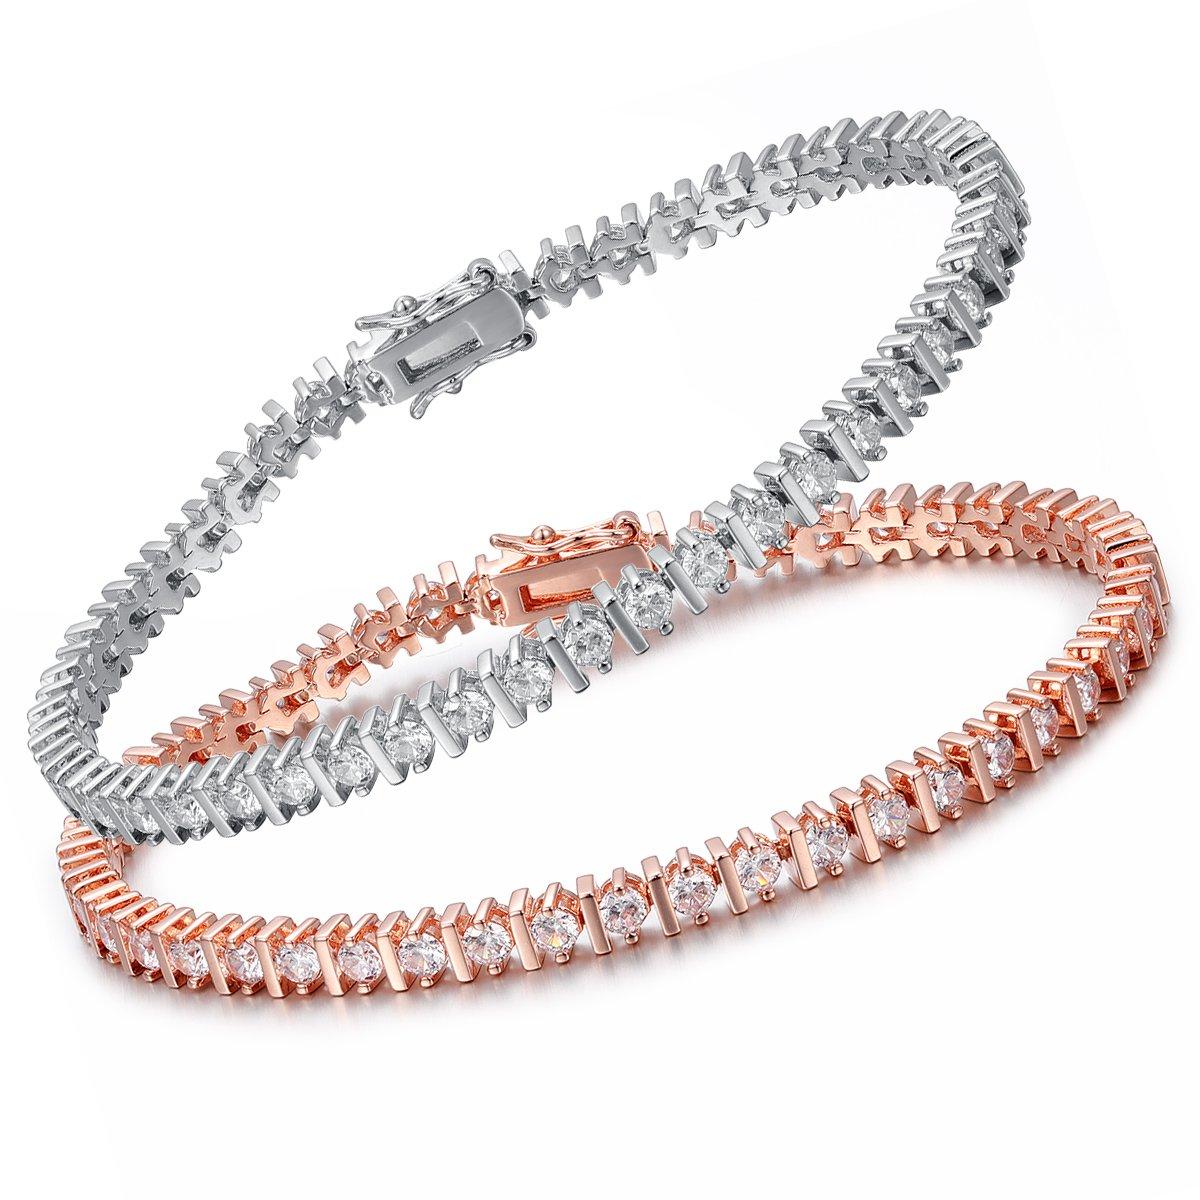 OPALTOP 2 Pairs Friendship CZ Tennis Bracelet 3mm Cubic Zirconia Women Men Couples Rose/white Gold Plated 7.5''